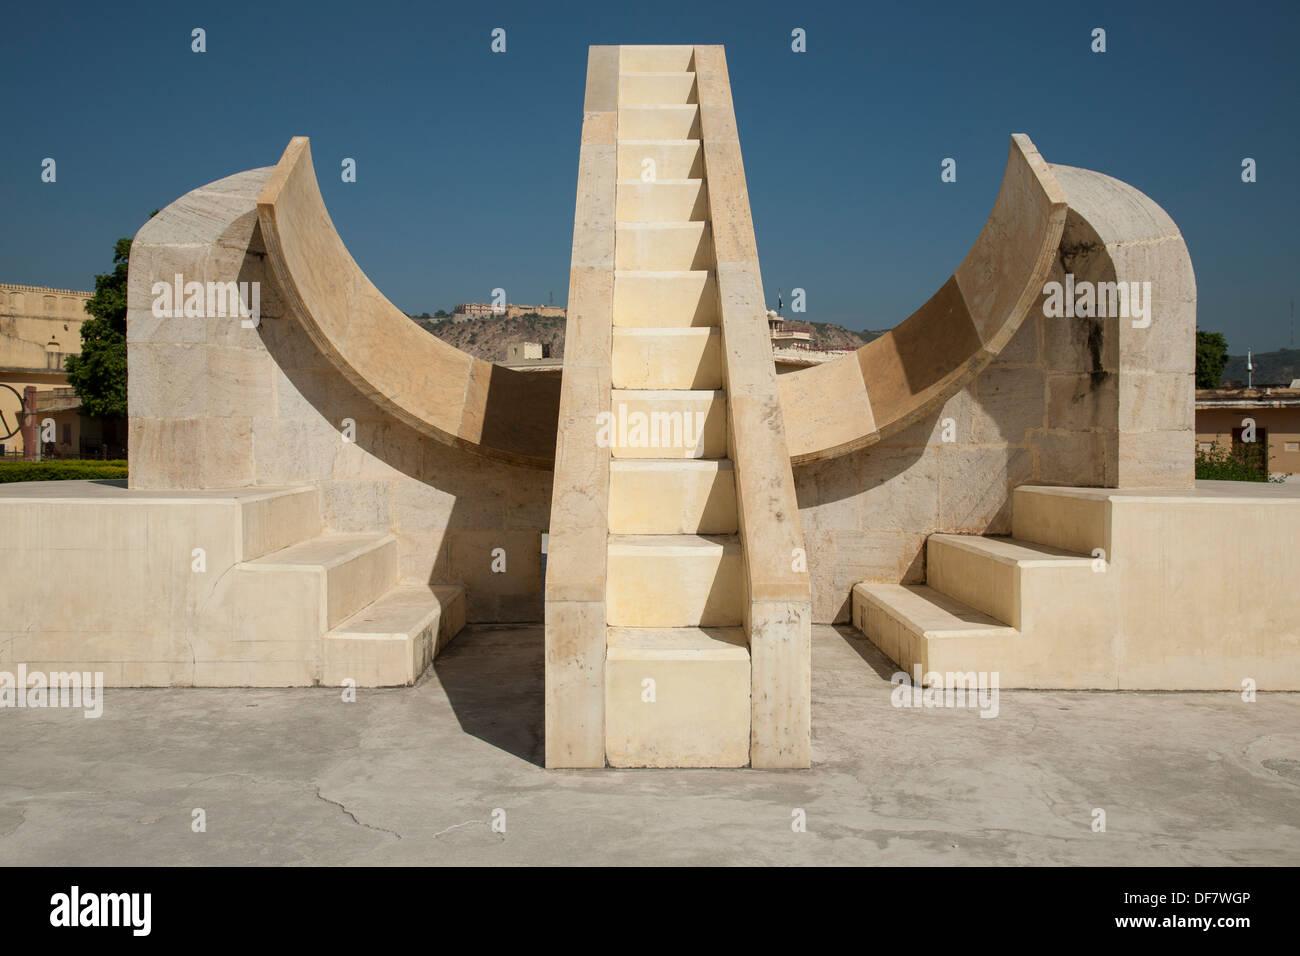 Jantar Mantar di Jaipur è un array di architettura di strumenti astronomici e letteralmente significa strumento di calcolo. Immagini Stock